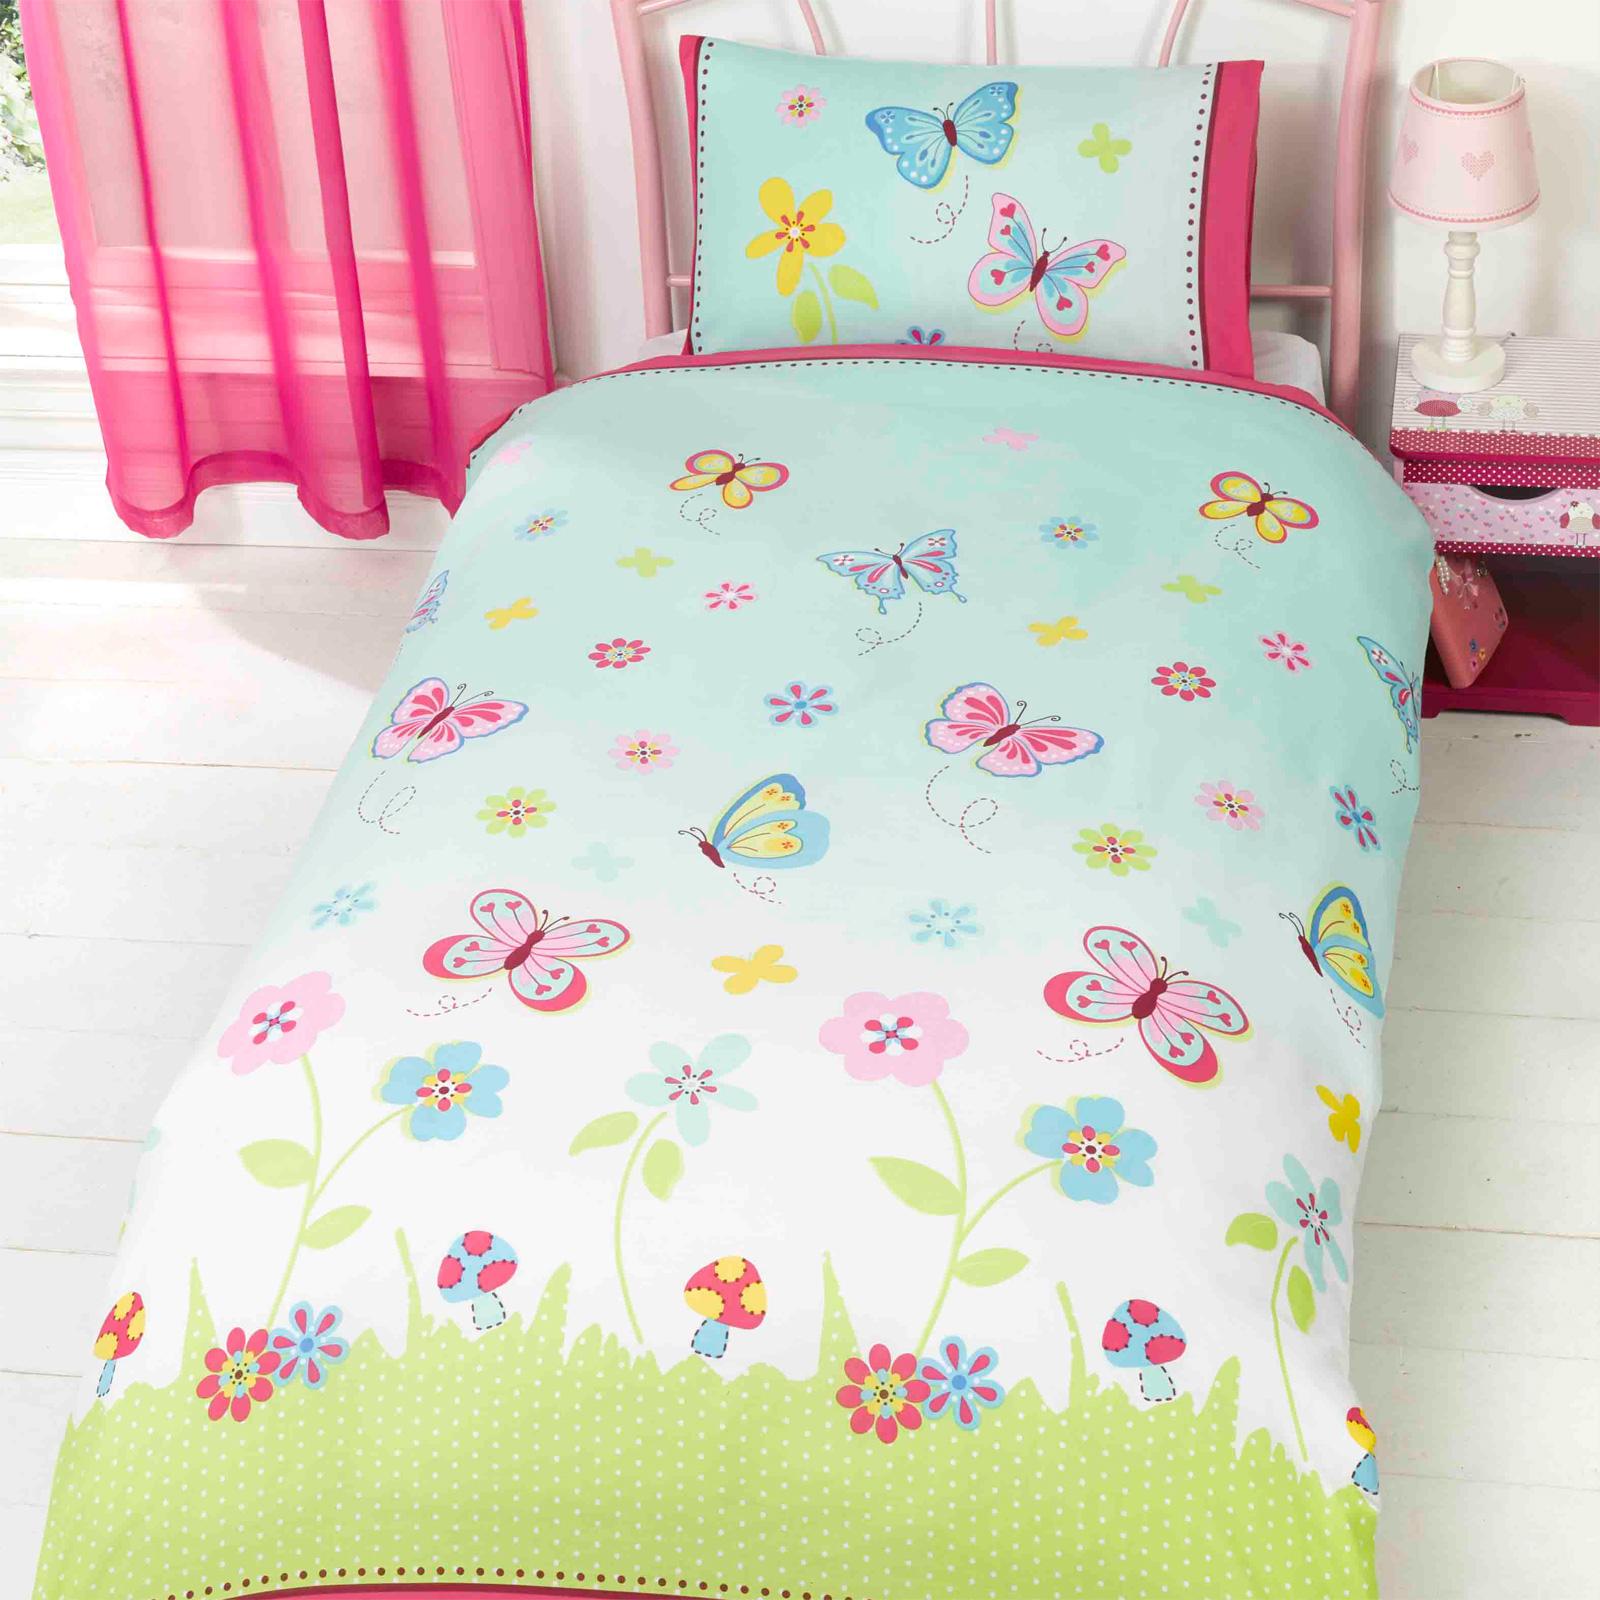 Eccentrico fun bambini biancheria da letto copripiumino con motivo giocosi colorata ebay - Biancheria da letto bambini ...